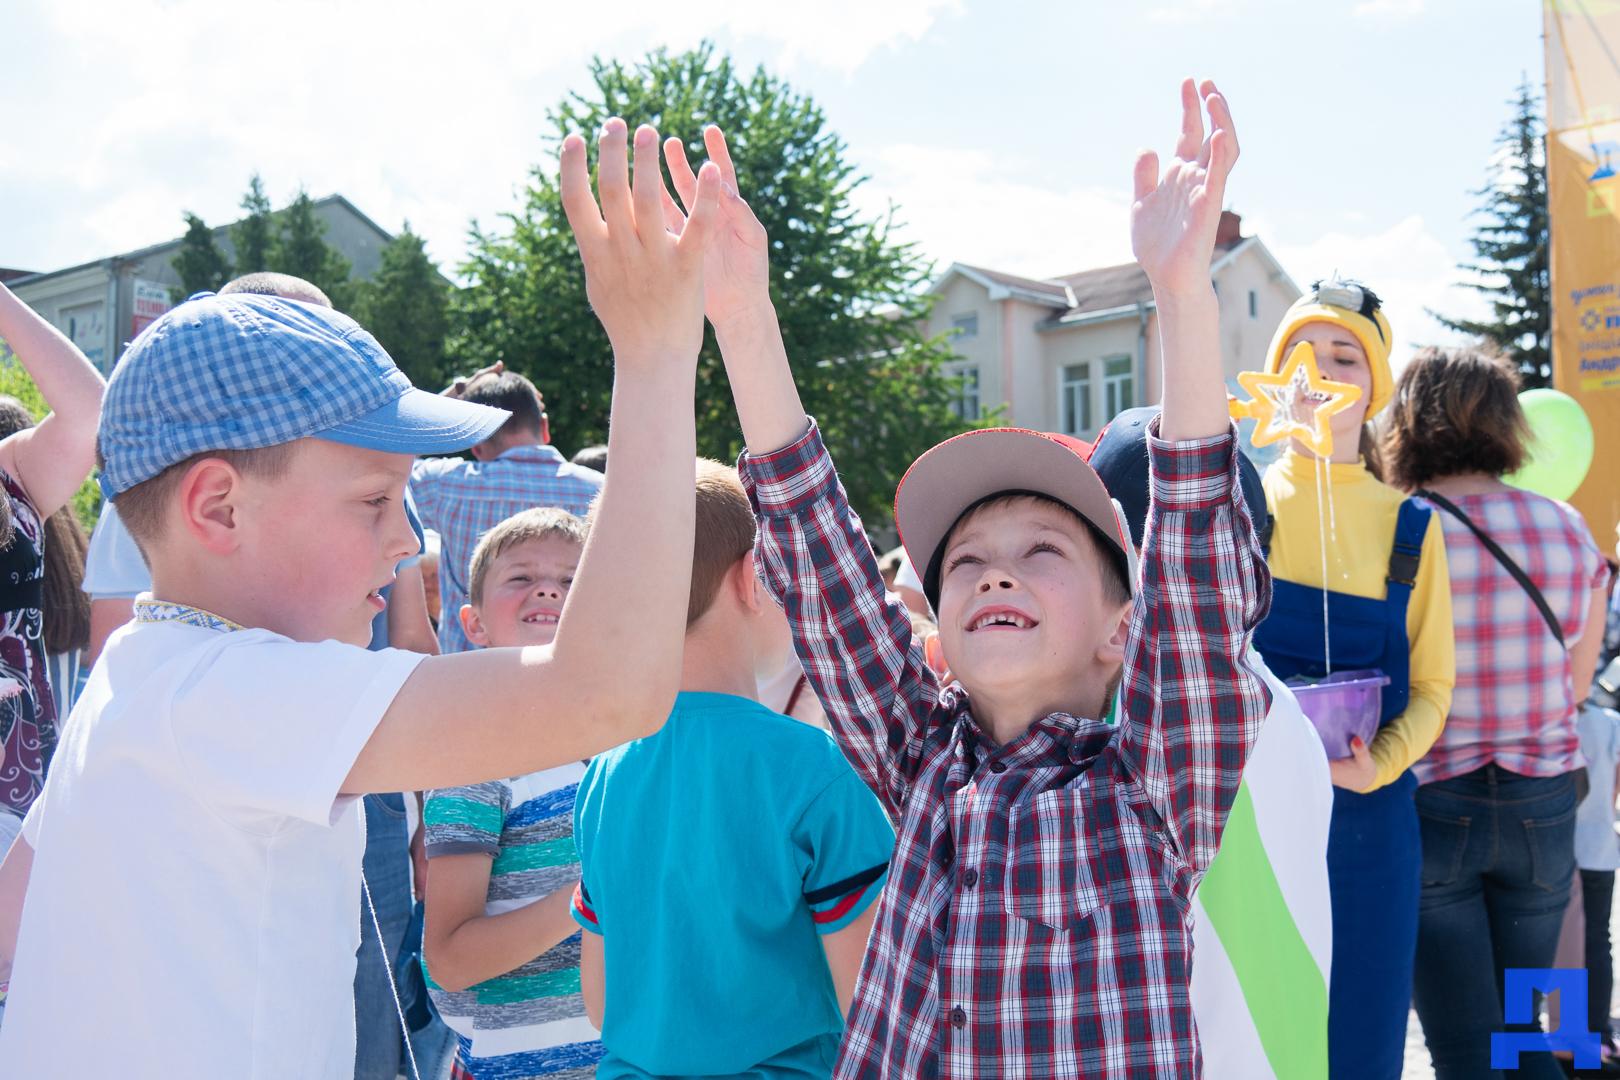 Дитячі майданчики та комп'ютерні класи: у Городенці яскраво відзначили день захисту дітей. ФОТО 14